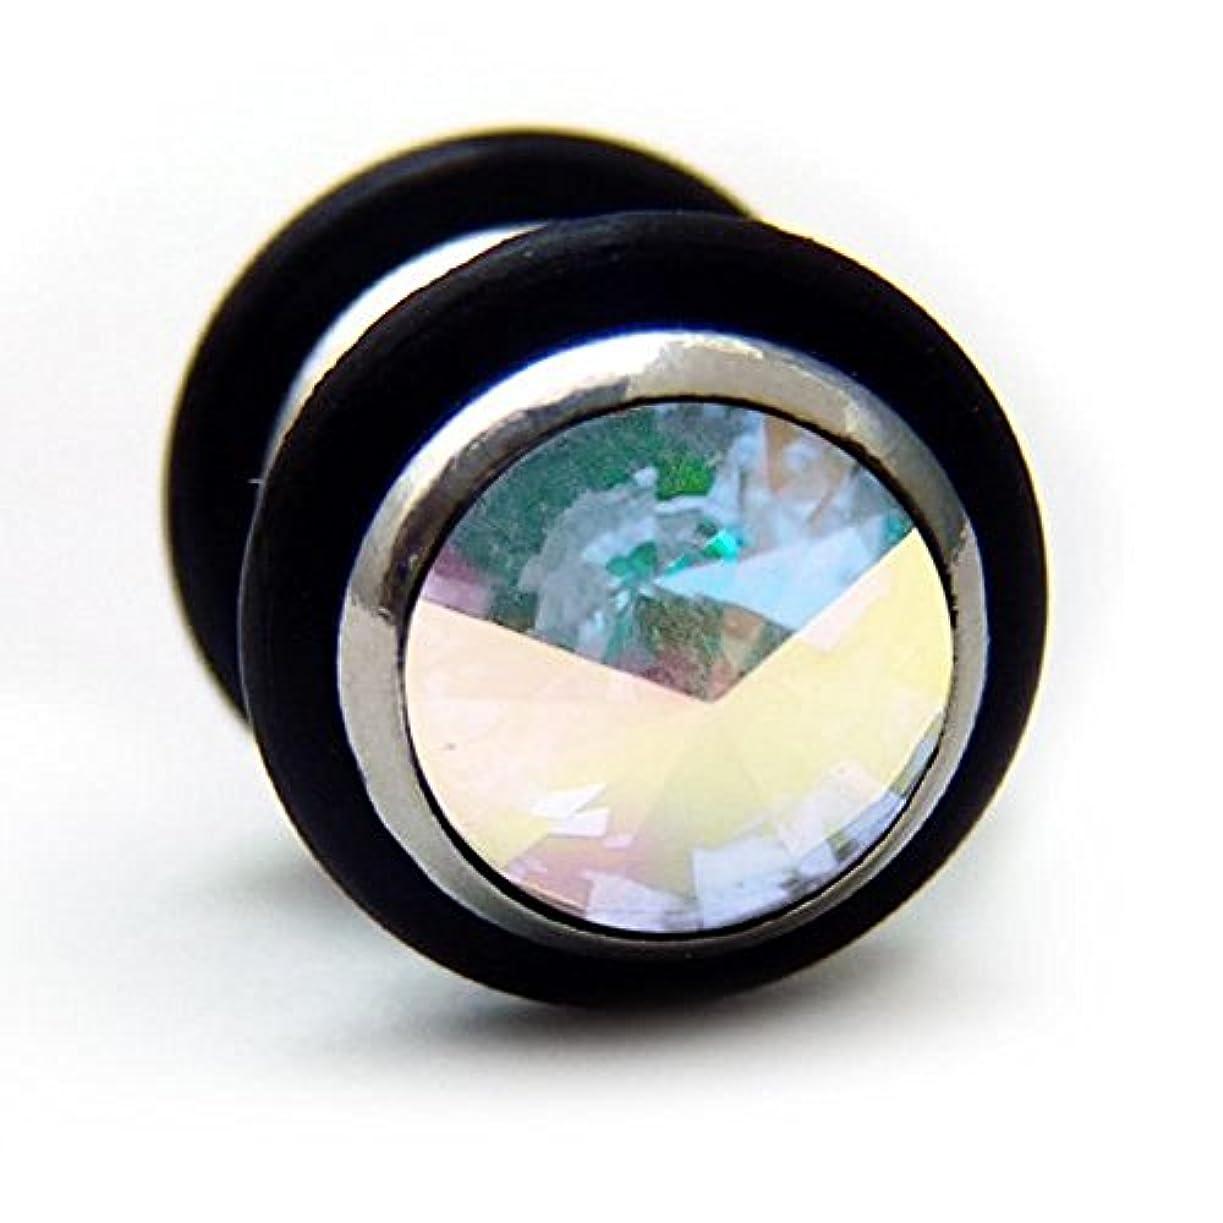 円形の一般的に言えば排泄するスワンユニオン swanunion 黒丸型 片耳 磁石 マグピ ステンレス製 フェイクピアス fp23